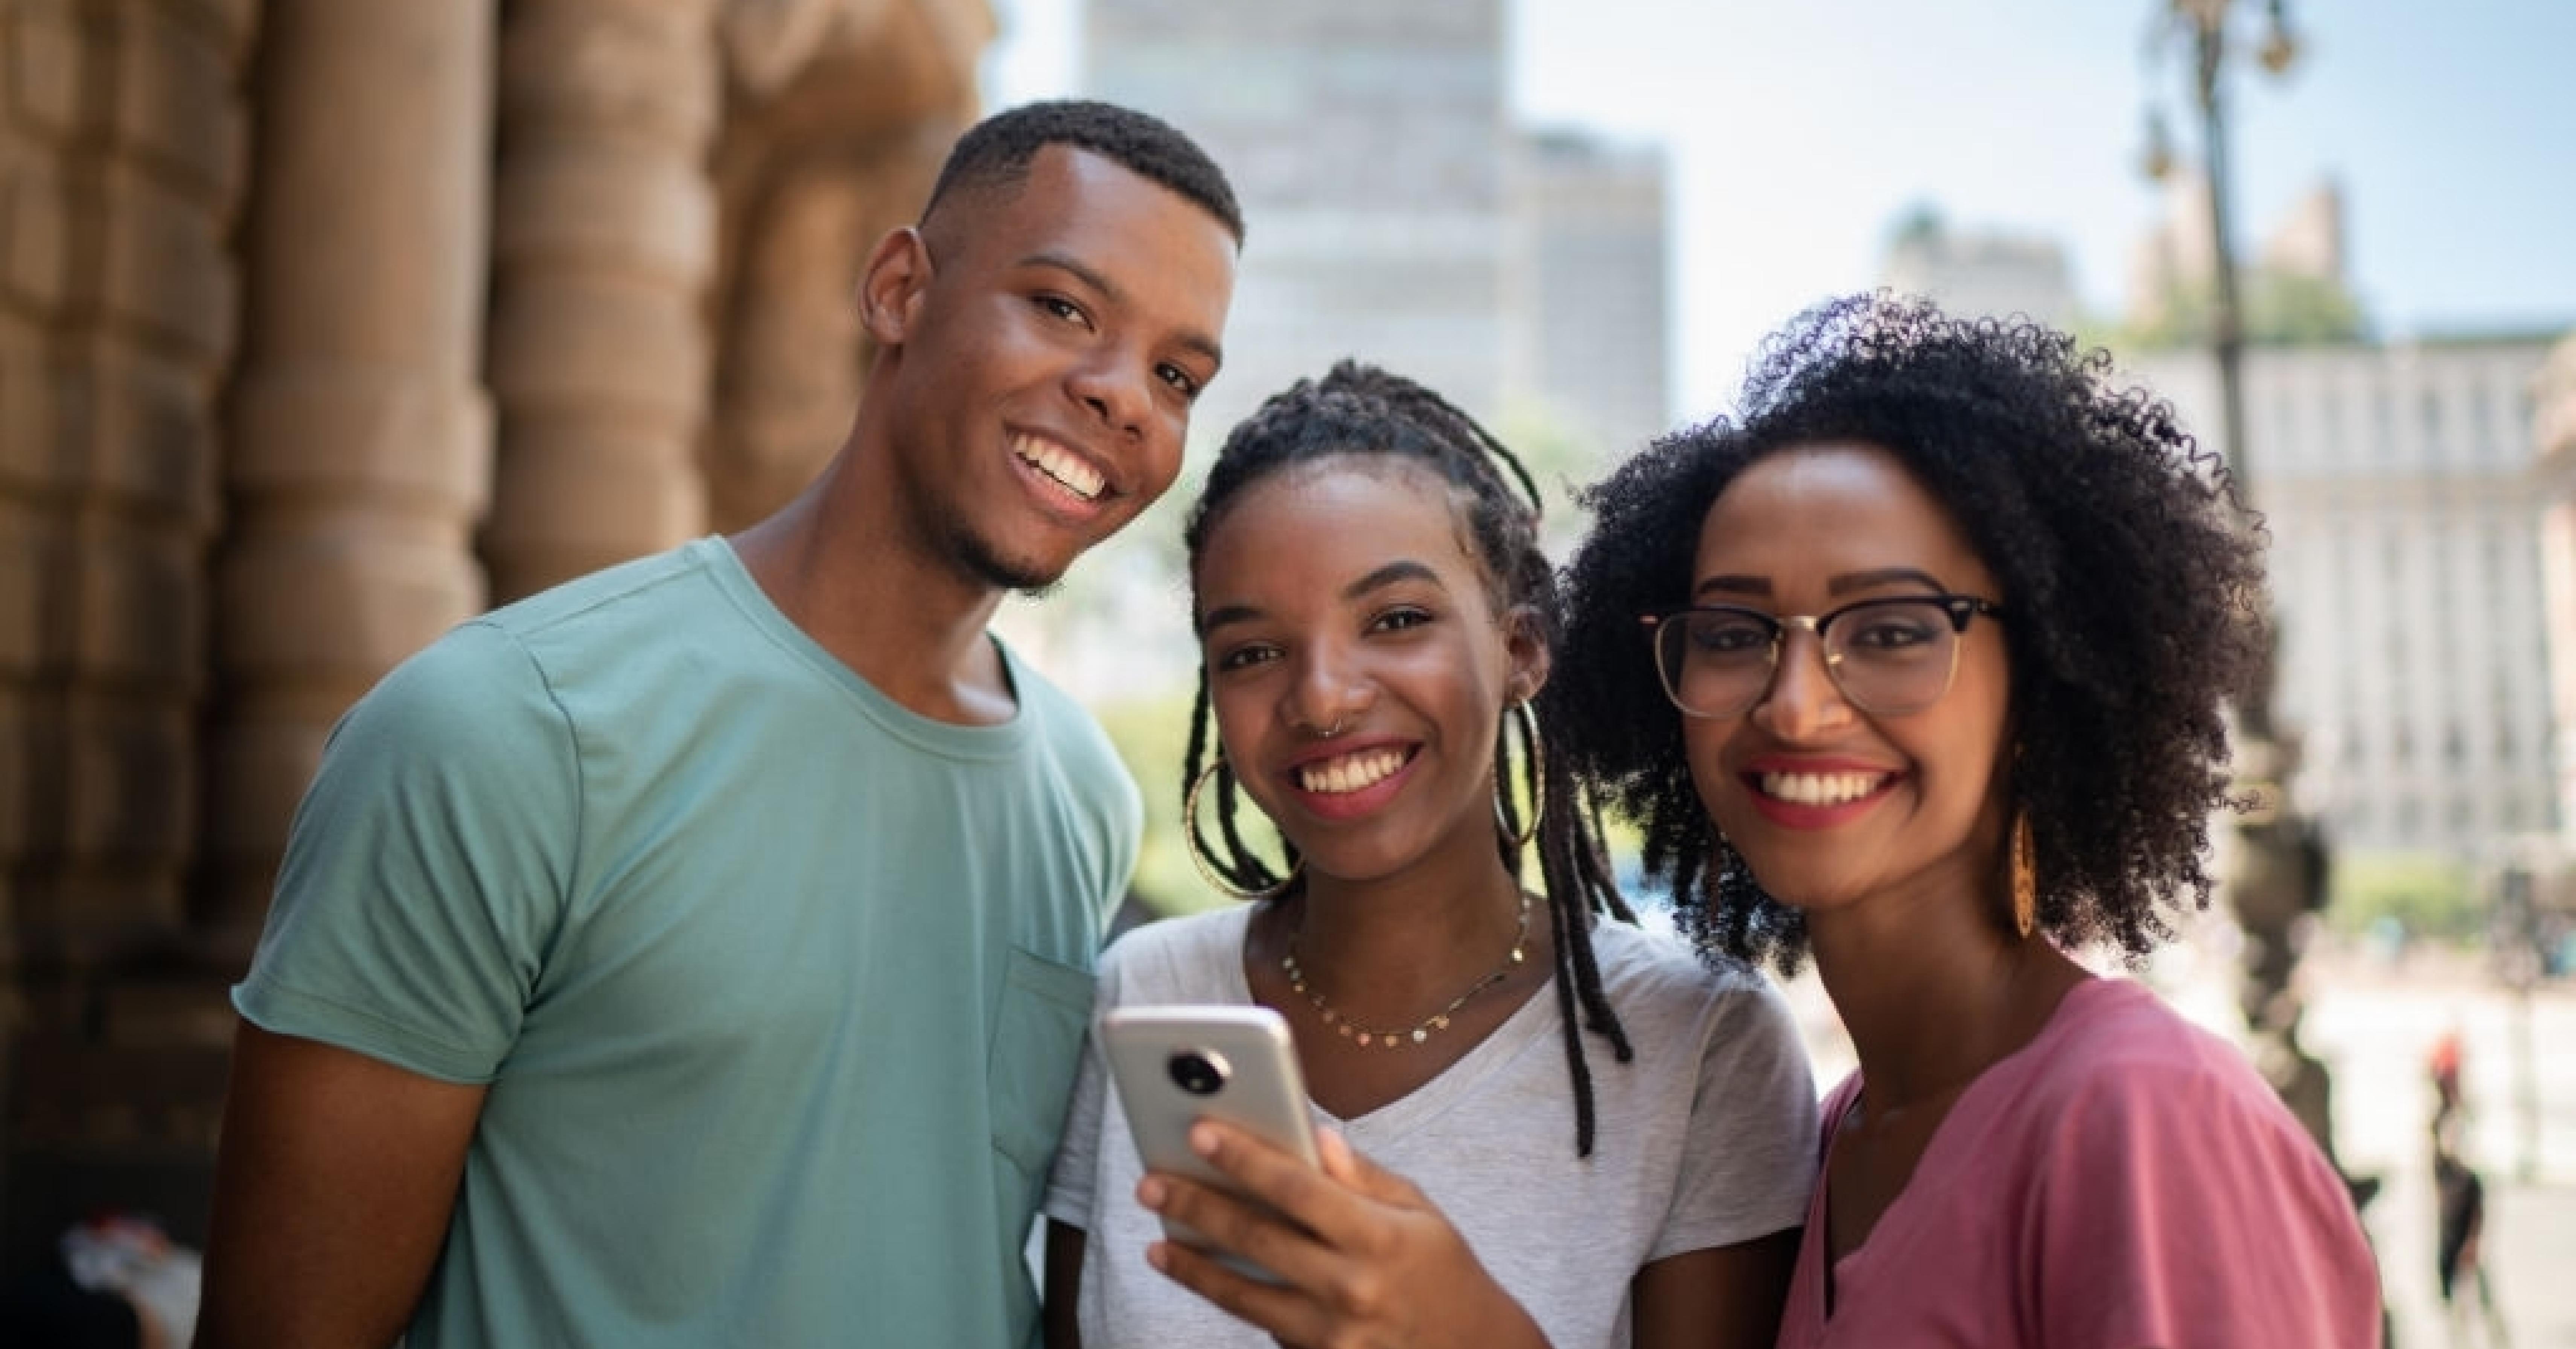 Best Ways to Send Money to Africa